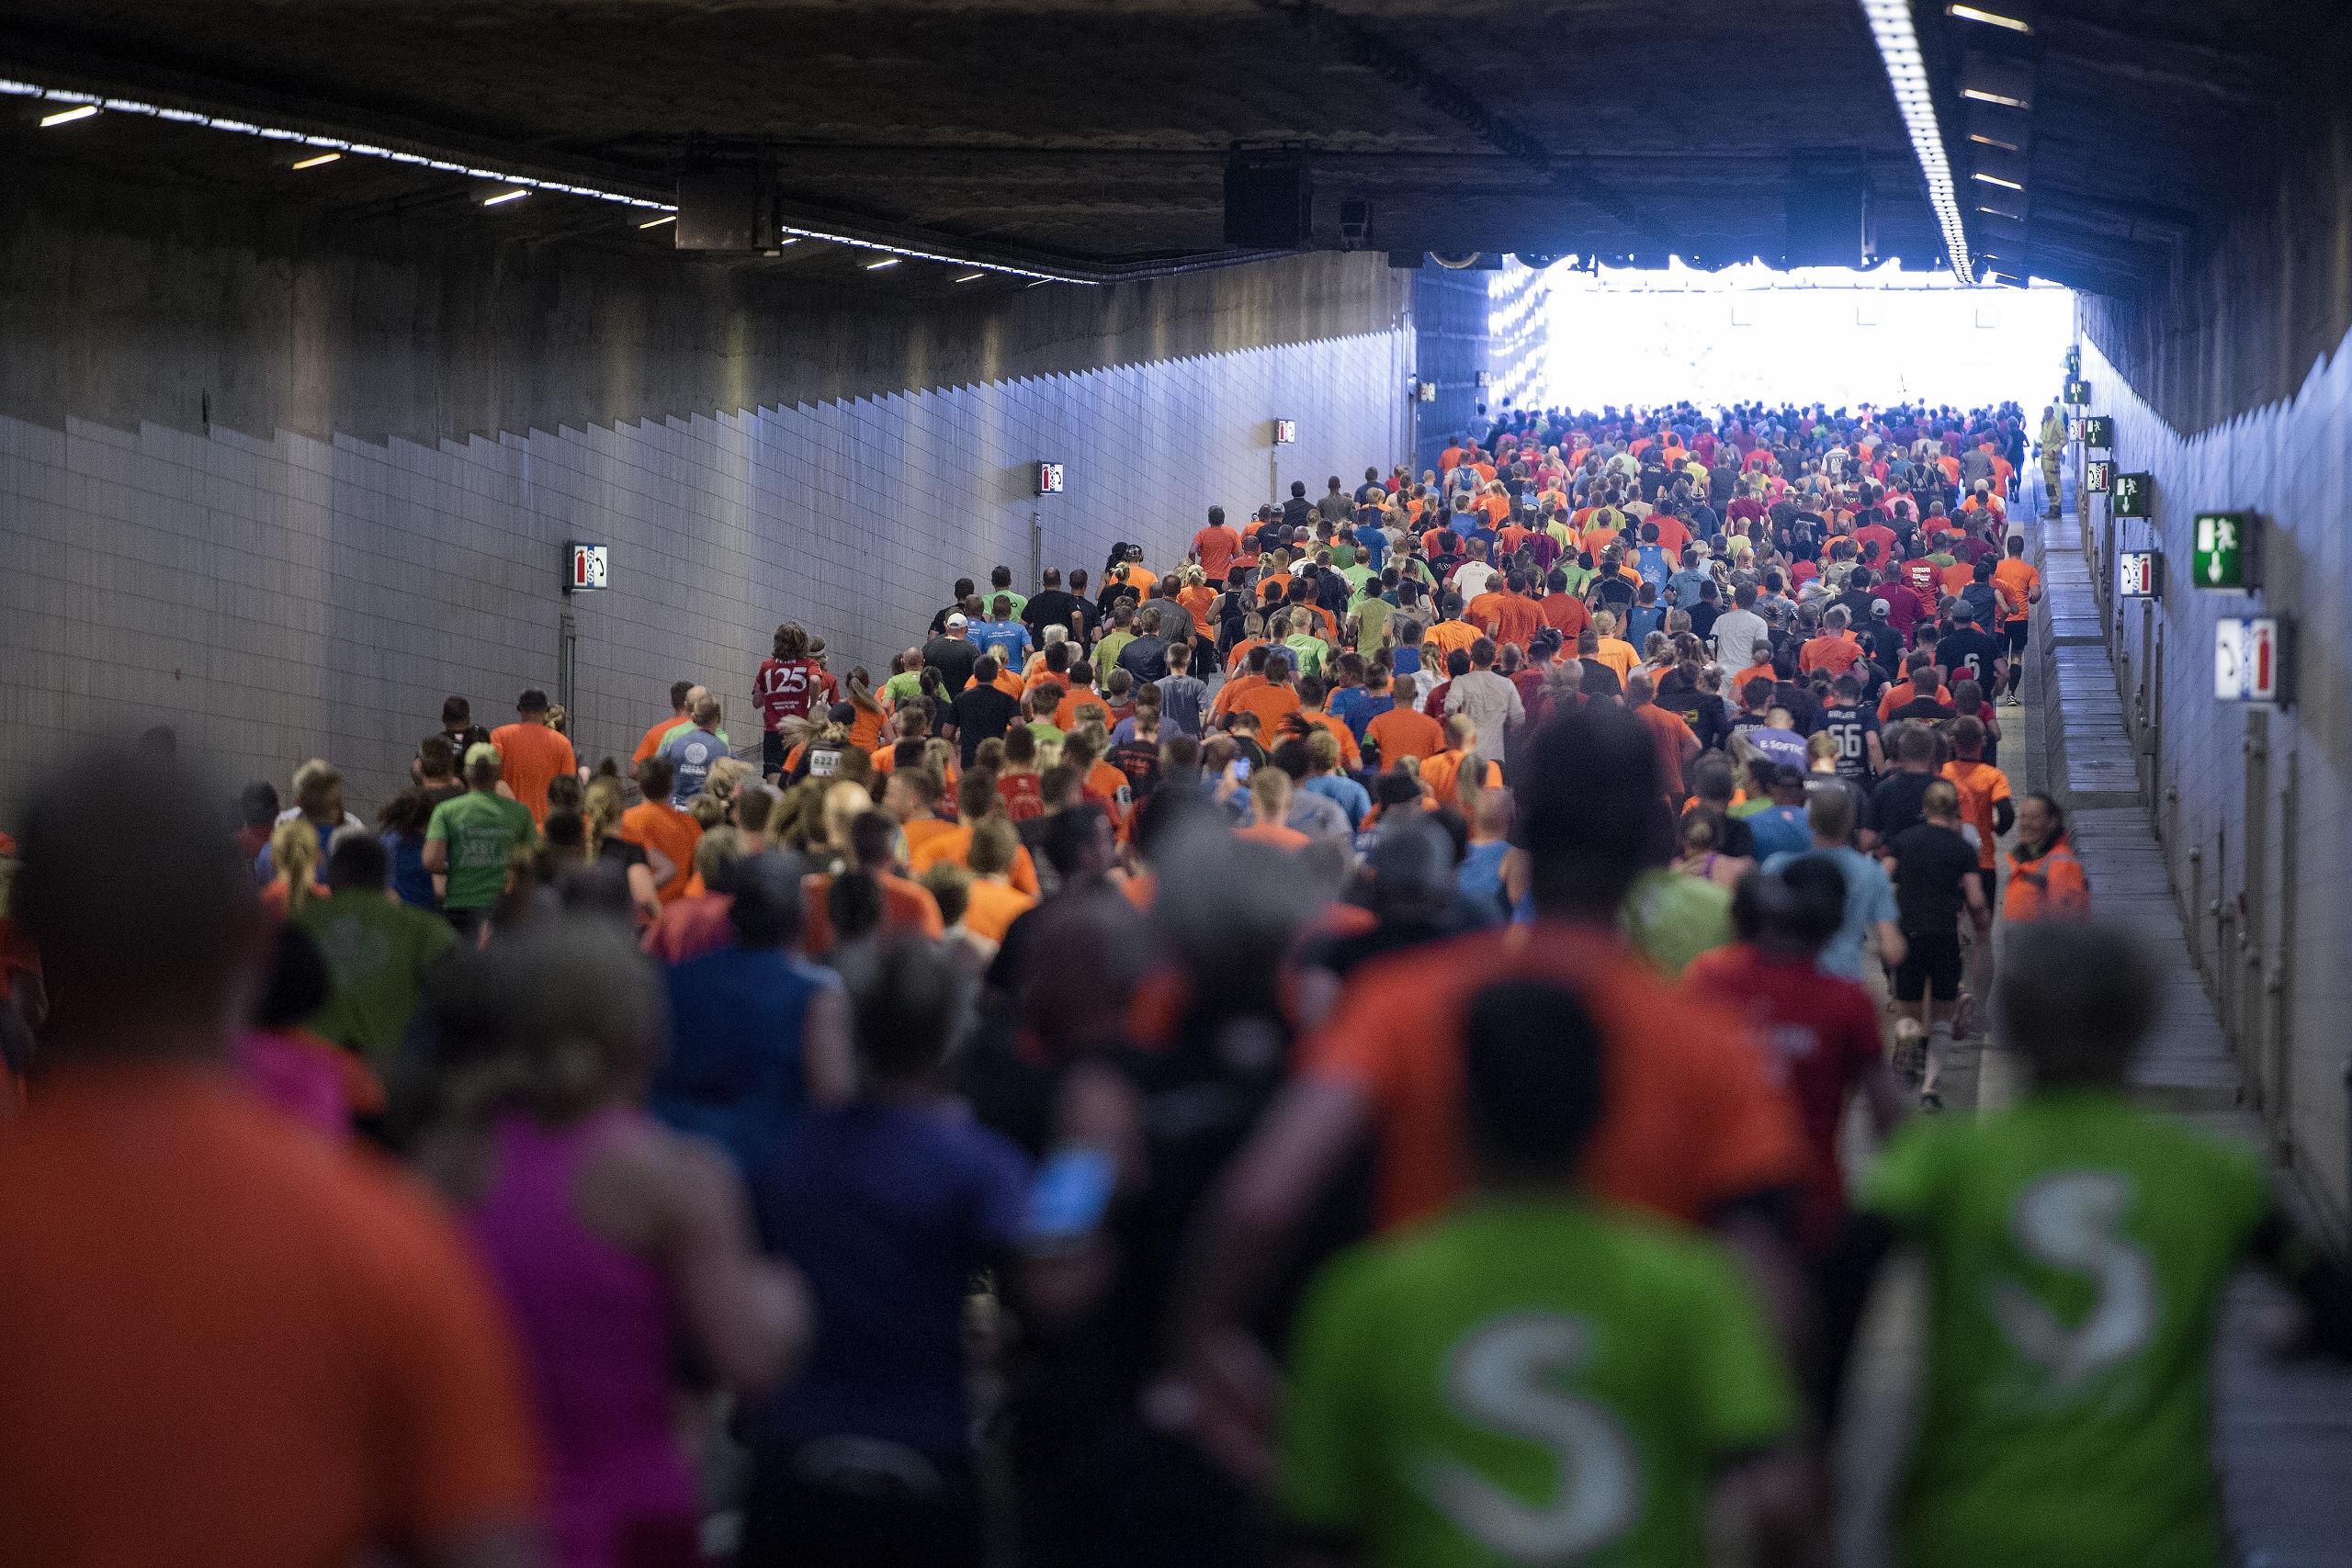 Kæmpe begivenhed: Denne dag kan du gå gennem tunnelen